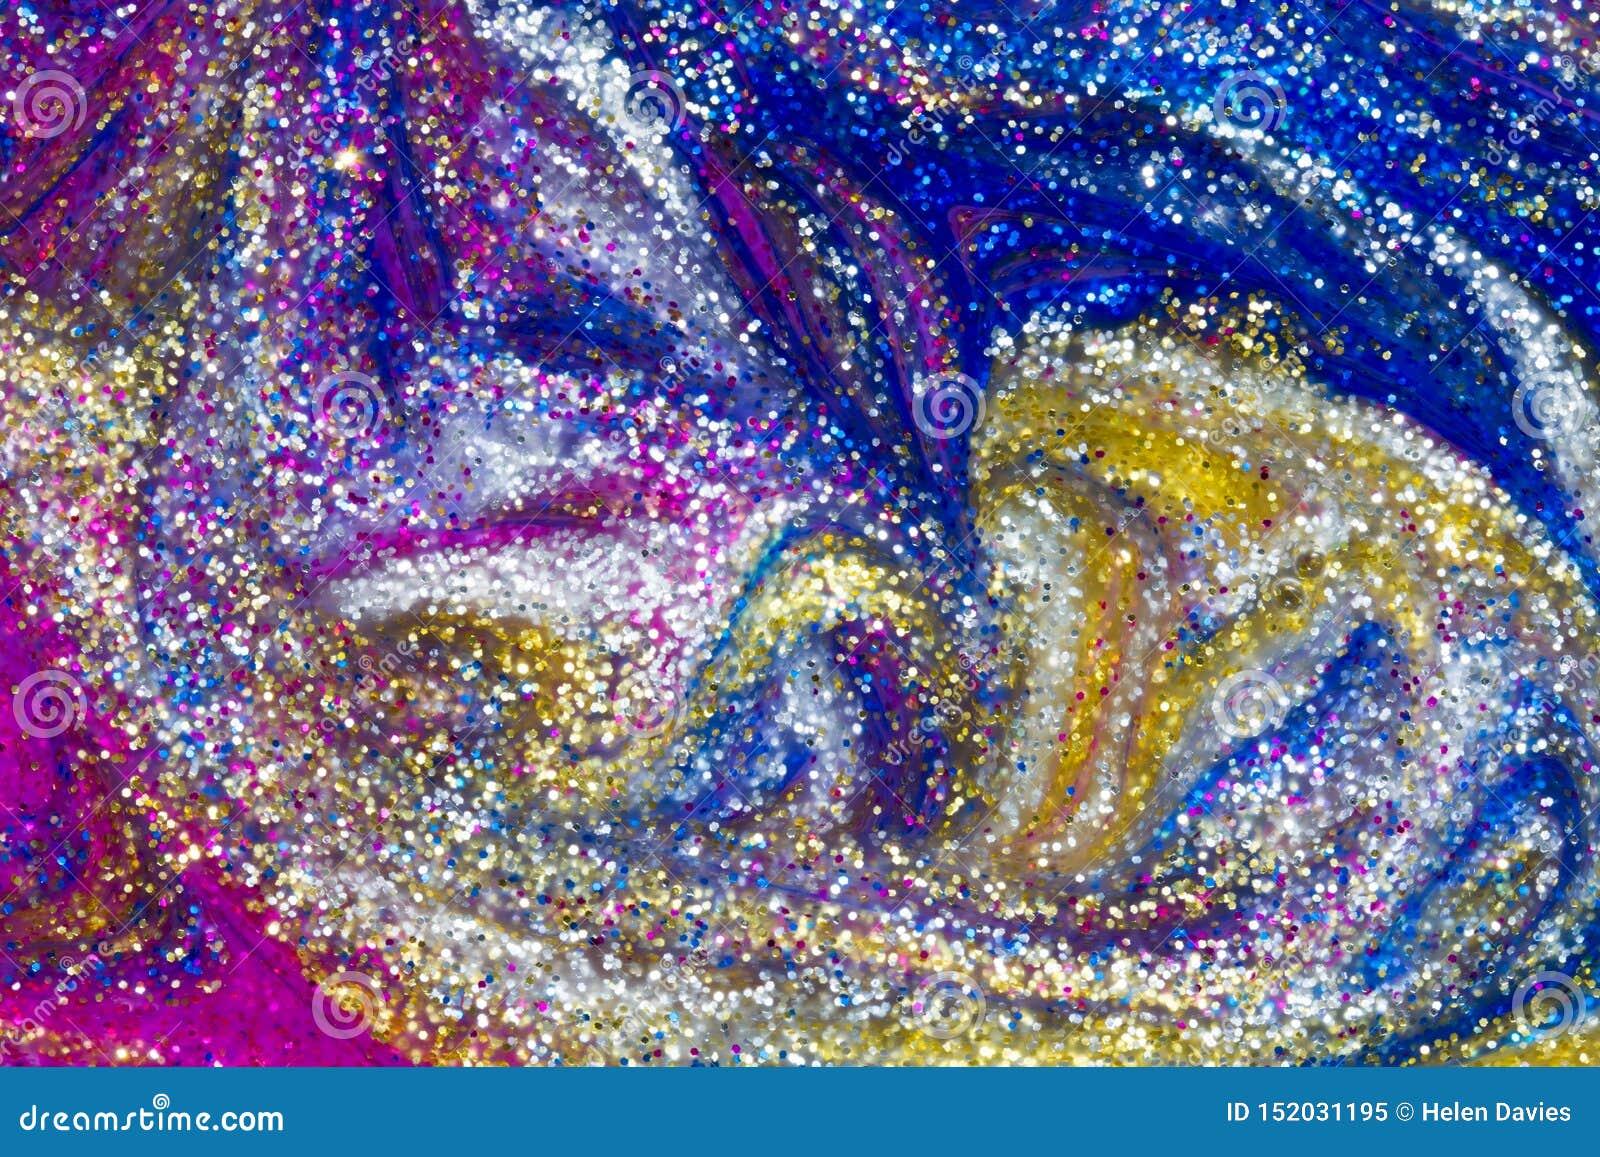 闪烁油漆漩涡豪华抽象背景